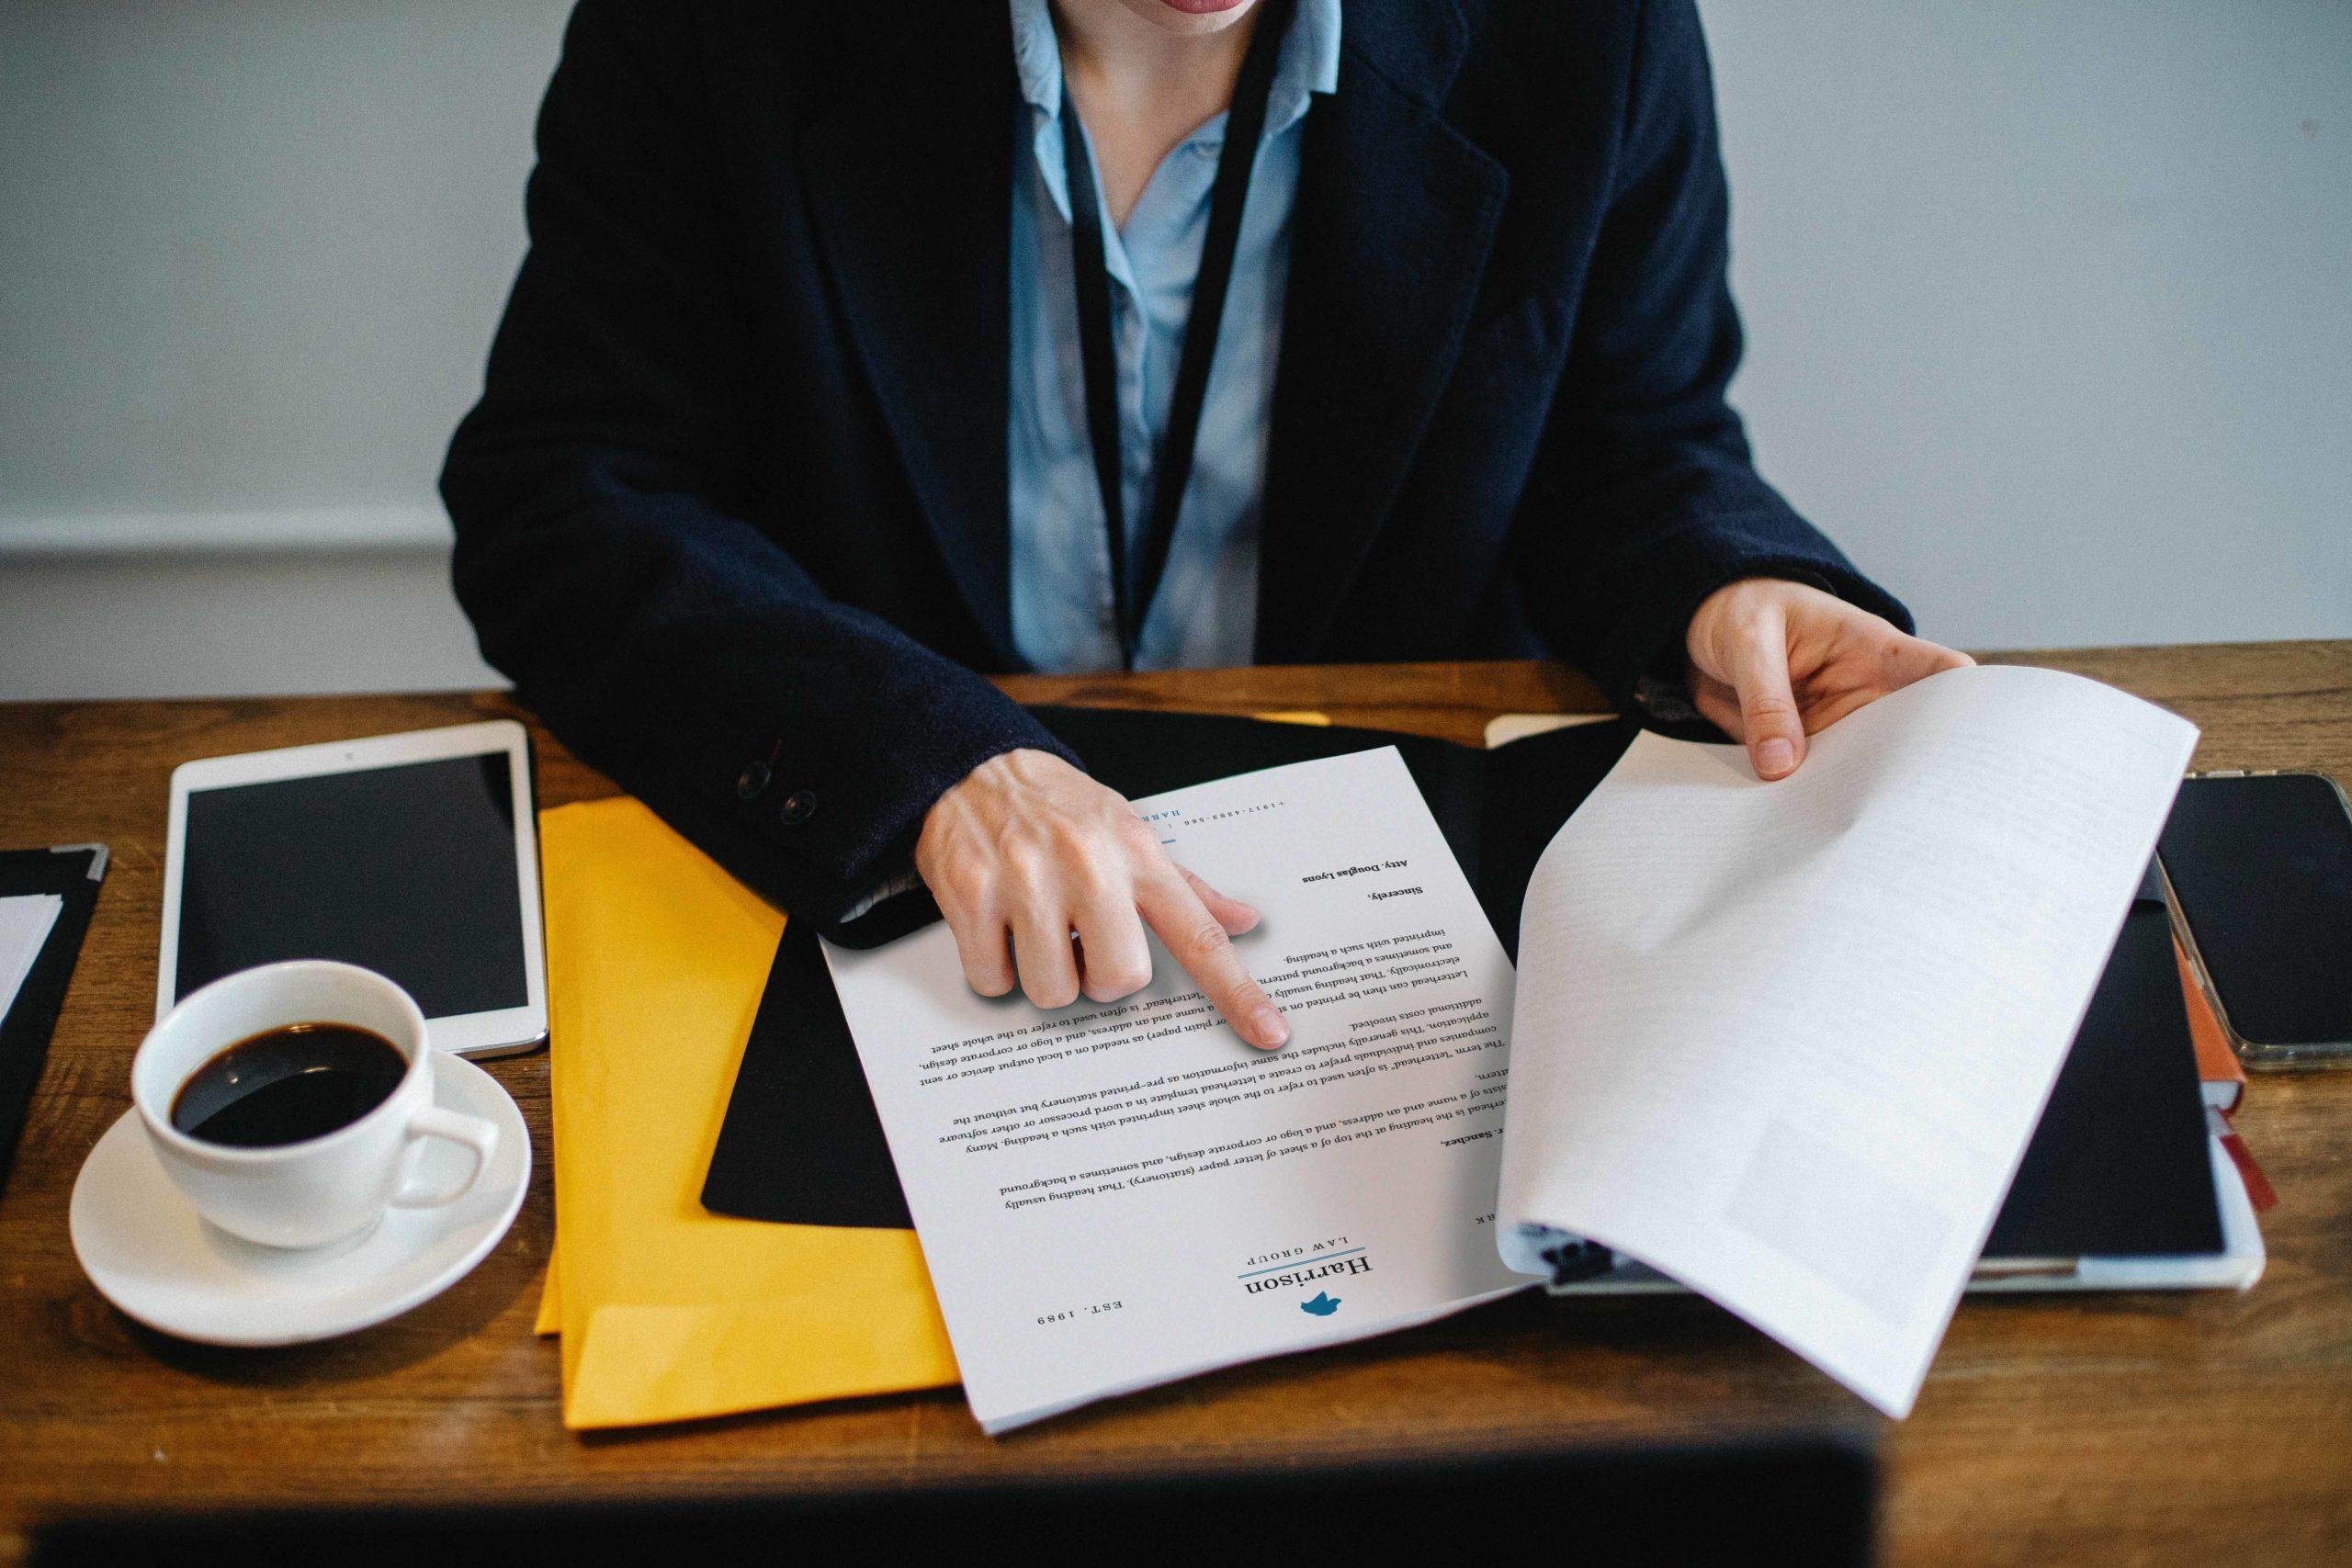 En México existen unos derechos laborales básicos que debes conocer como mínimo y que deben estar estipulados en tu contrato laboral